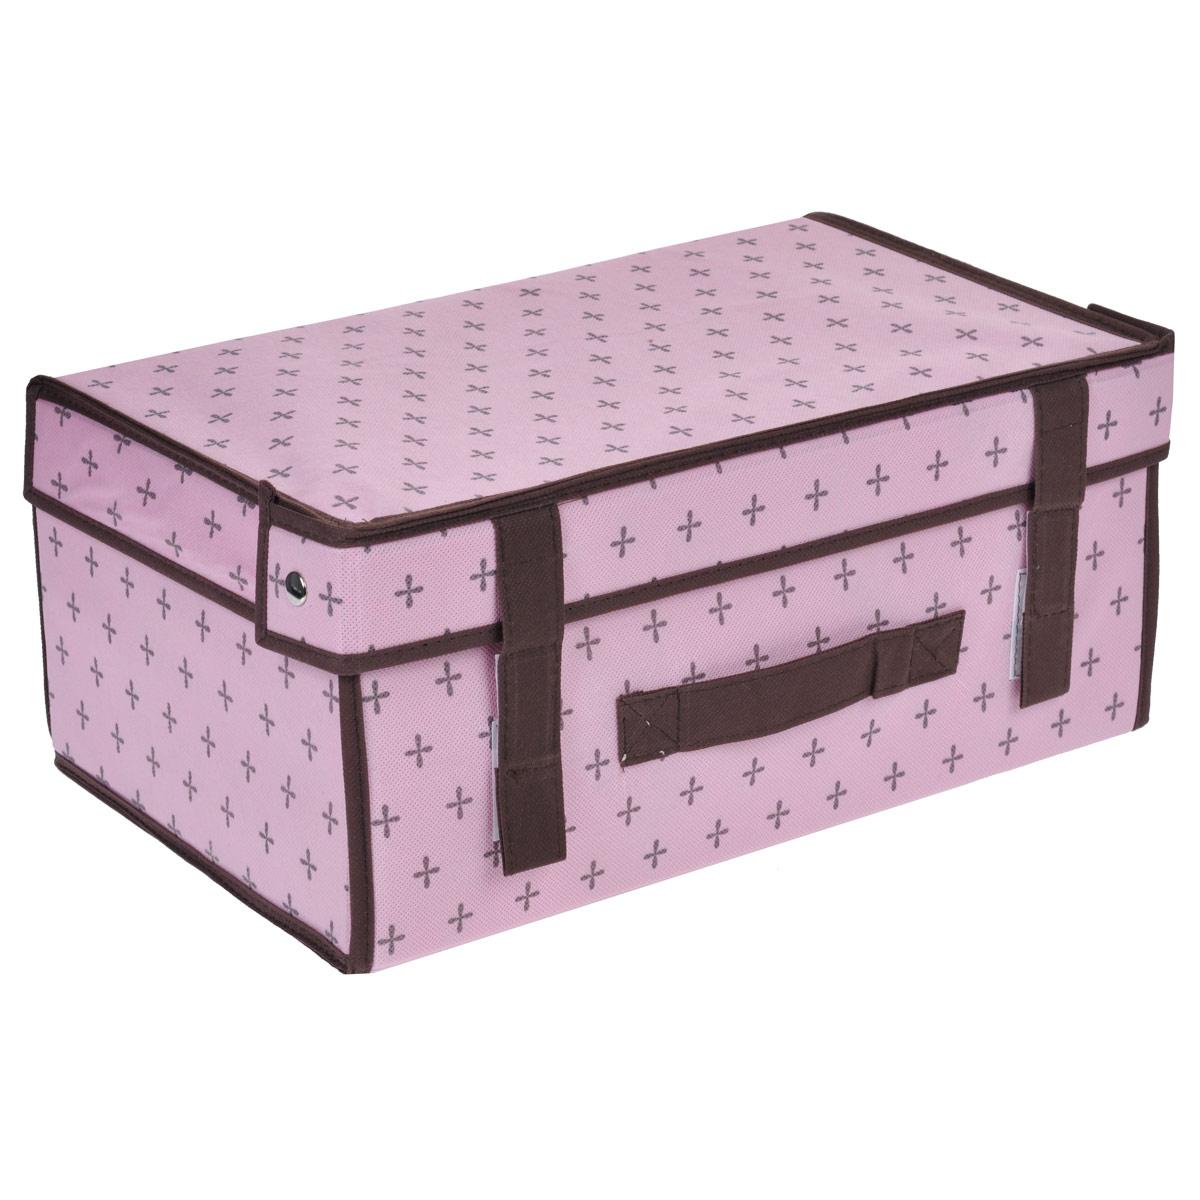 Кофр для хранения FS-6170M, цвет: розовый, 38 х 24 х 16 смFS-6170MКофр для хранения FS-6170M изготовлен из высококачественного нетканого материала, который позволяет сохранять естественную вентиляцию, а воздуху свободно проникать внутрь, не пропуская пыль. Благодаря специальным вставкам, кофр прекрасно держит форму, а эстетичный дизайн гармонично смотрится в любом интерьере. Стенки и крышка кофра крепятся друг к другу при помощи застежек-липучек.Мобильность конструкции обеспечивает складывание и раскладывание одним движением.Такой кофр сэкономит место и сохранит порядок в доме. Характеристики:Материал: нетканый материал. Цвет: розовый. Размер кофра (Ш х Д х В): 38 см х 24 см х 16 см.